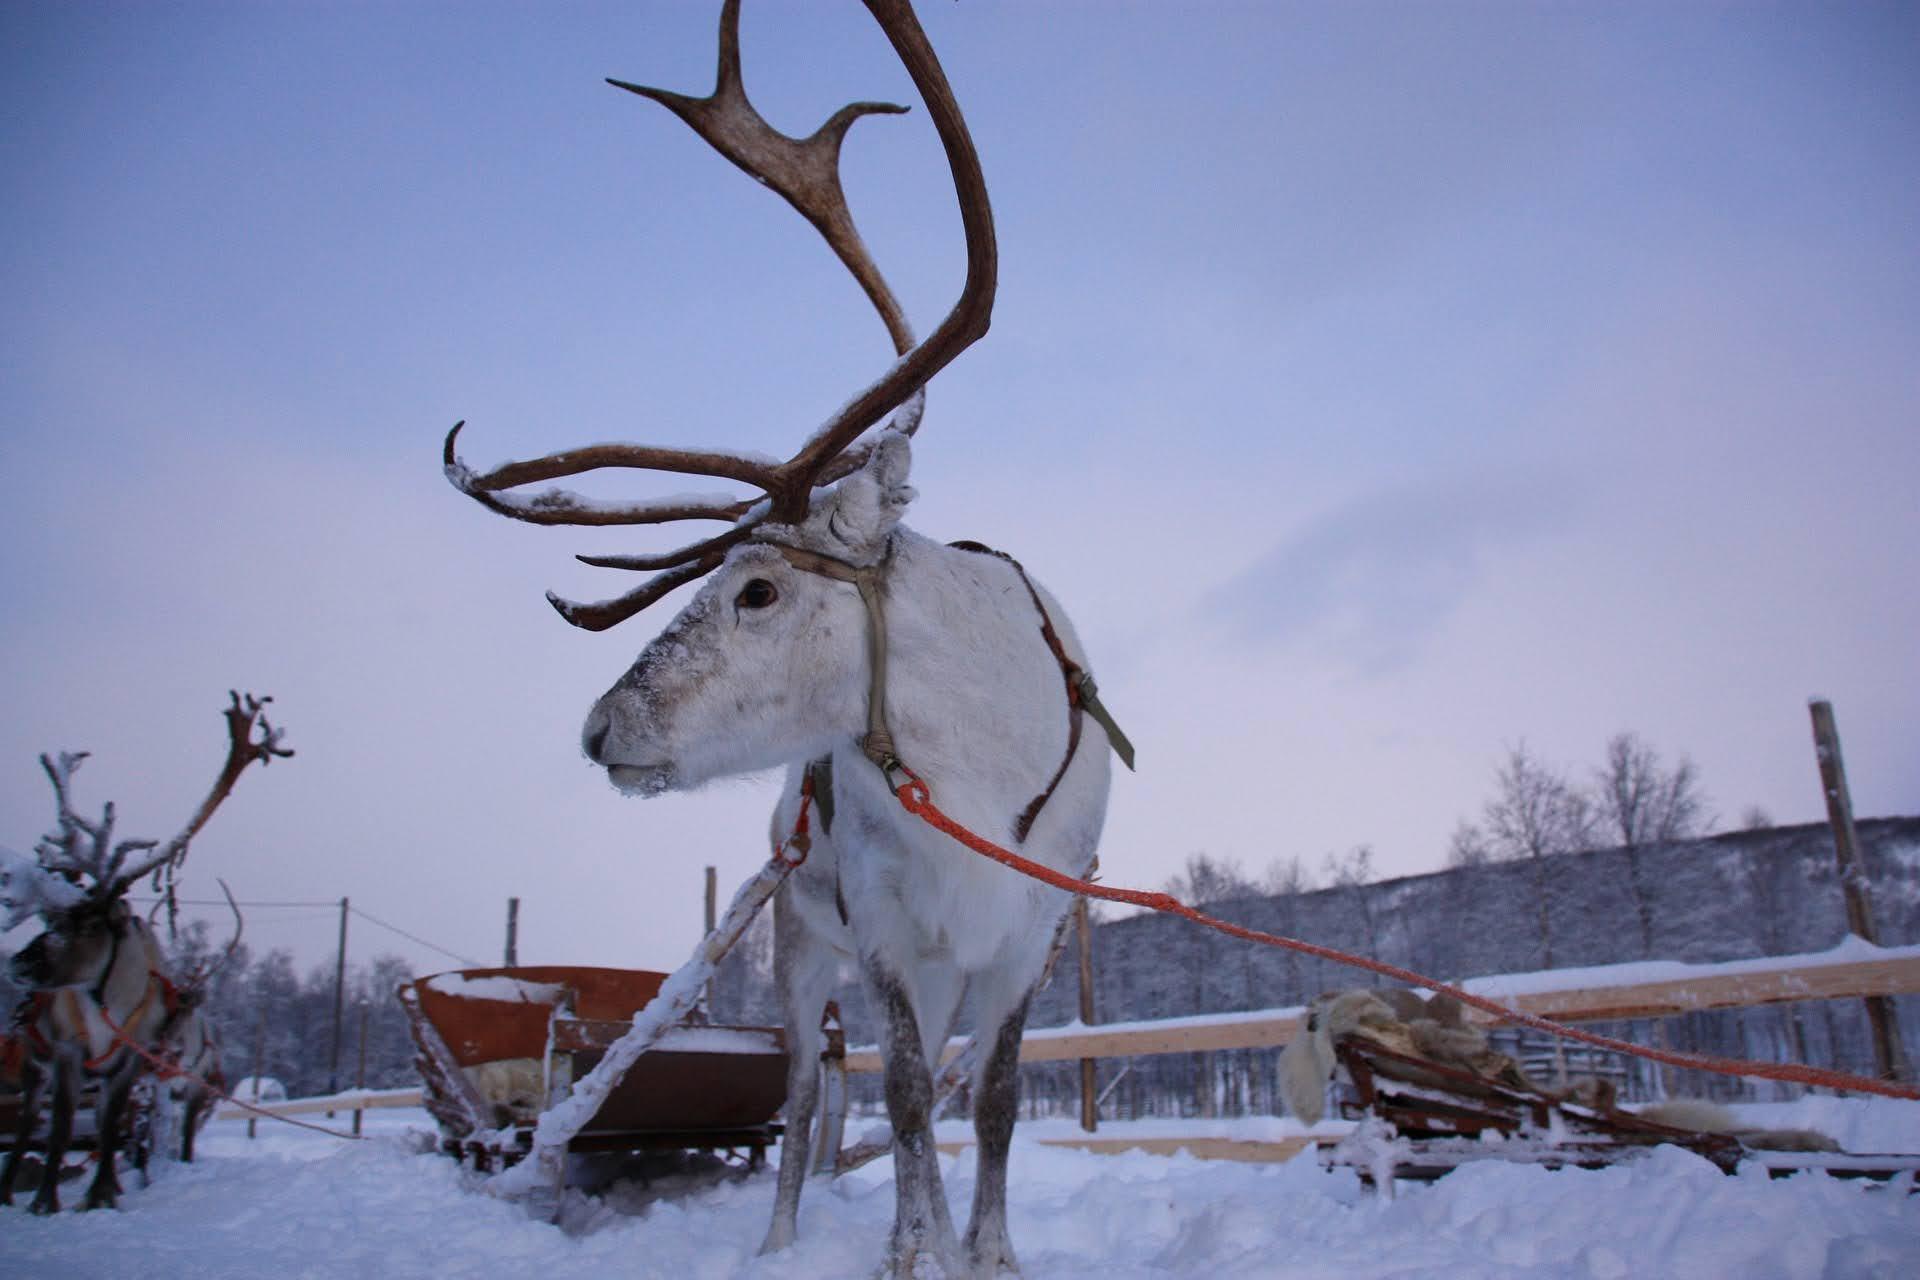 ЛАПЛАНДИЯ – екскурзия до домът на дядо Коледа! С включено посещение на столицата на Финландия – Хелзинки!